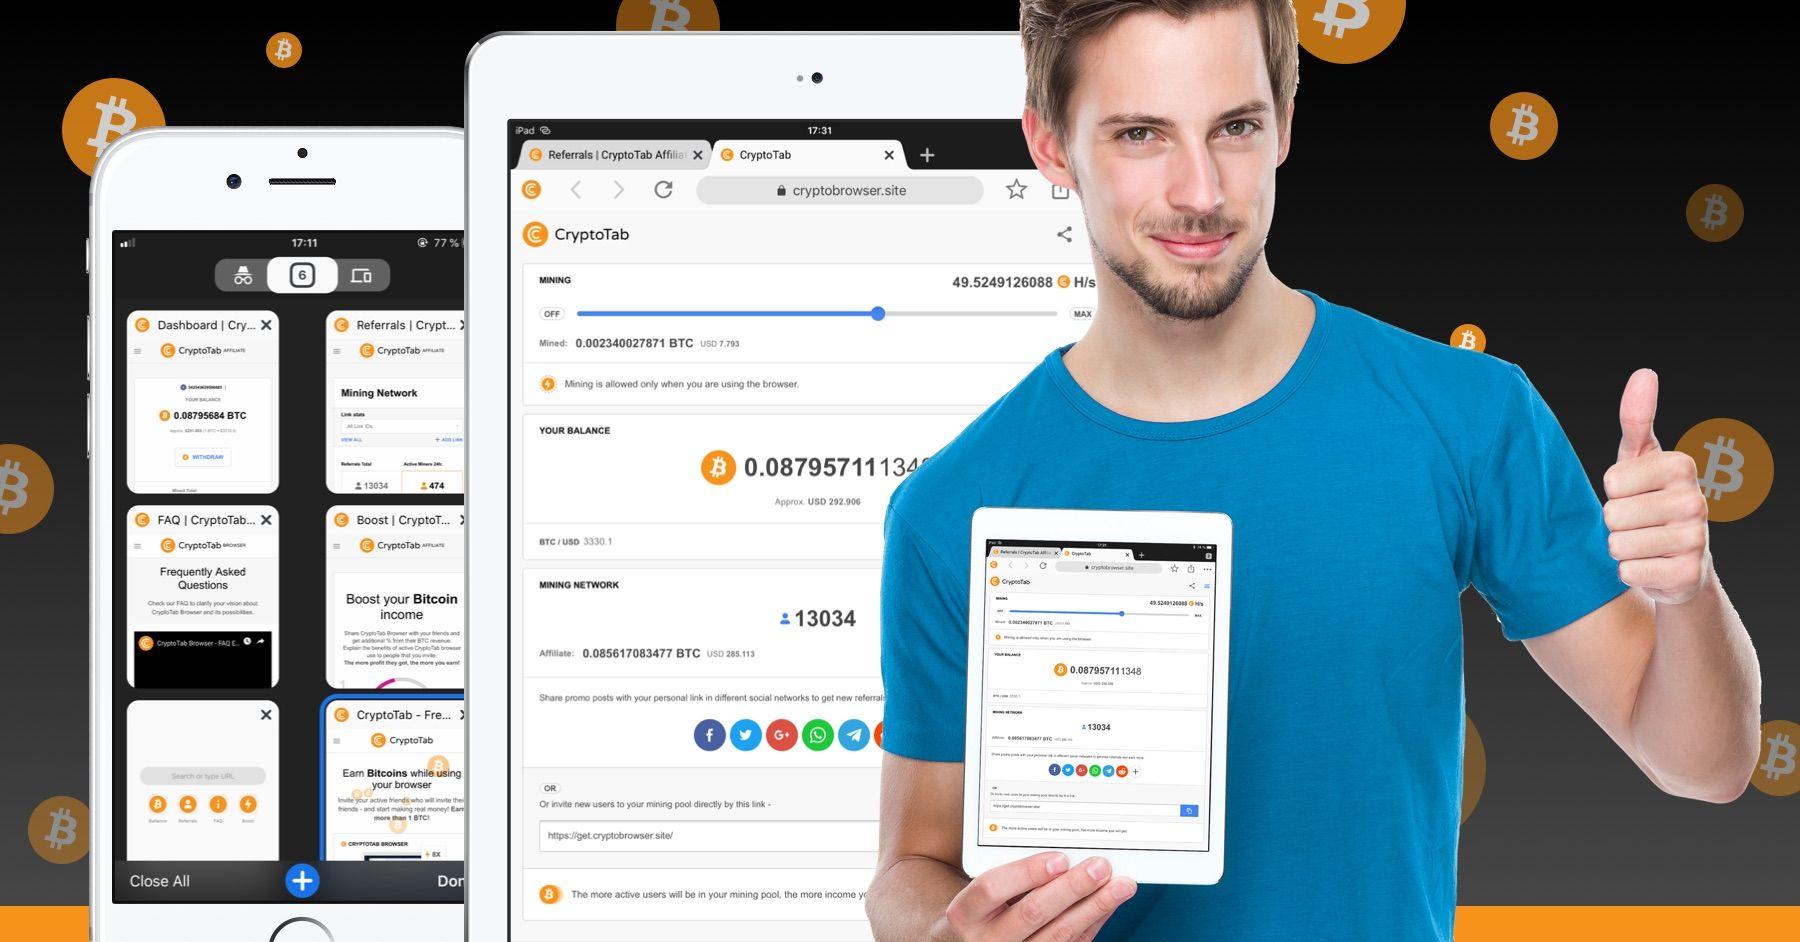 La Mu00e9thode La Plus Simple Pour Gagner Des Bitcoins Changez Votre Navigateur Pour Cryptotab Et Recevez Des Paiement Bitcoin Bitcoin Mining Free Bitcoin Mining